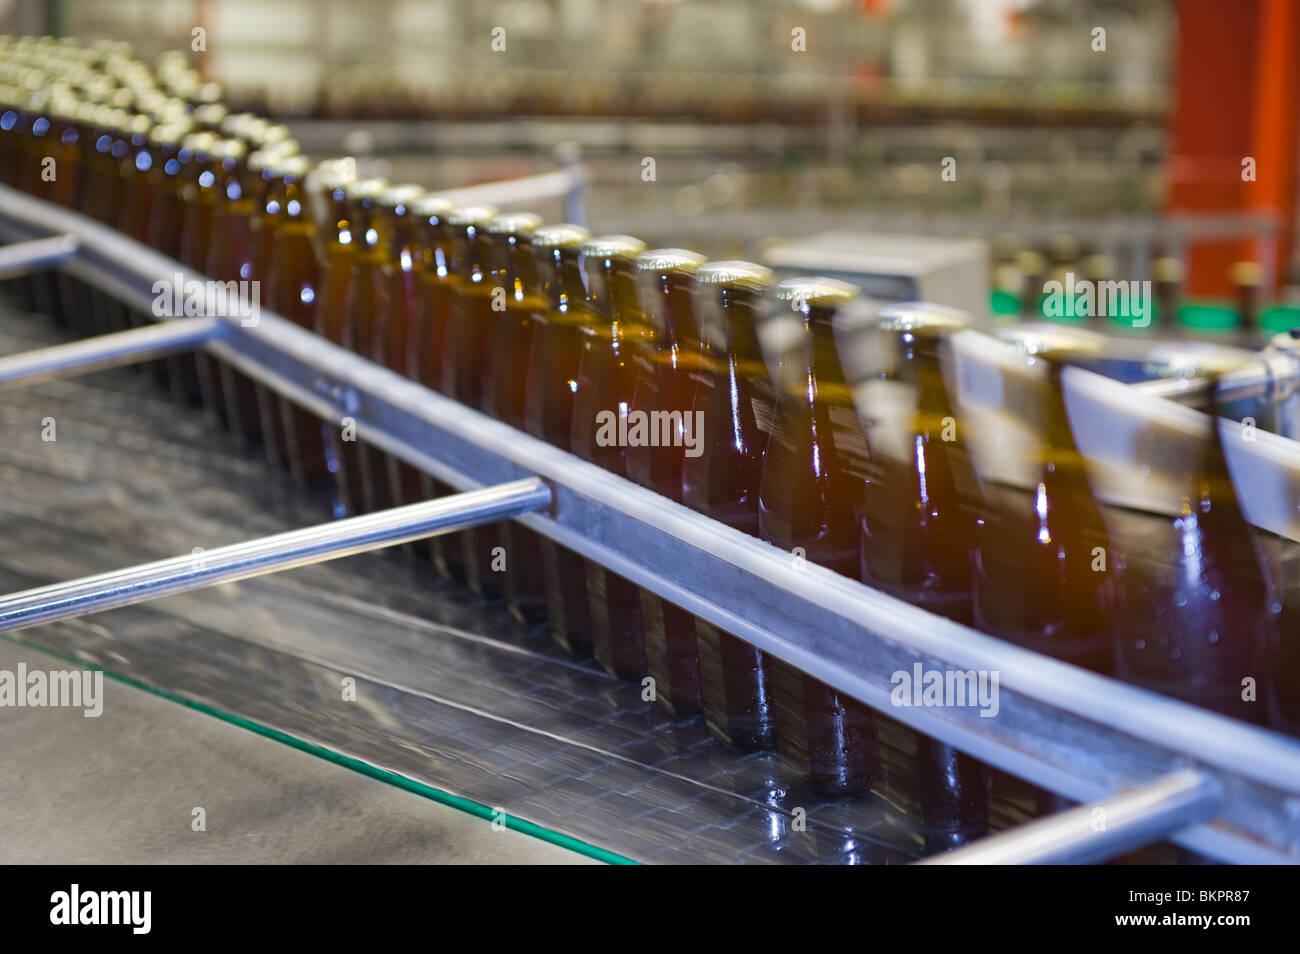 Bier-Flaschen füllen Füllung Straße Flasche Bre Brau Produktion Produktionslinie mit der Bezeichnung Stockbild